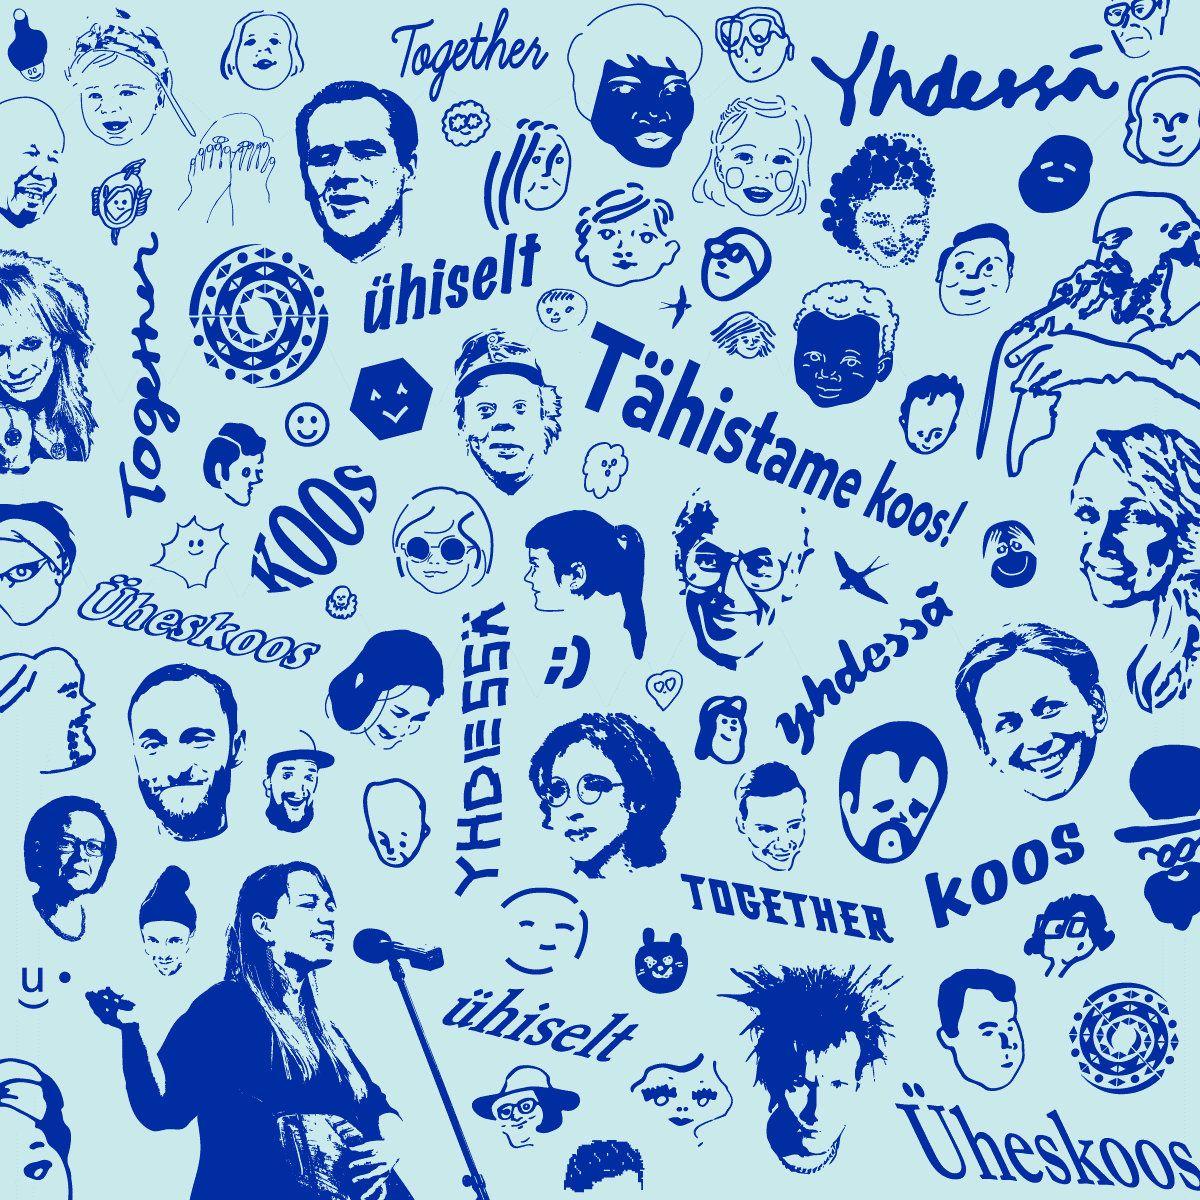 Soome 100 suursündmus toob lavale Soome ja Eesti tähed